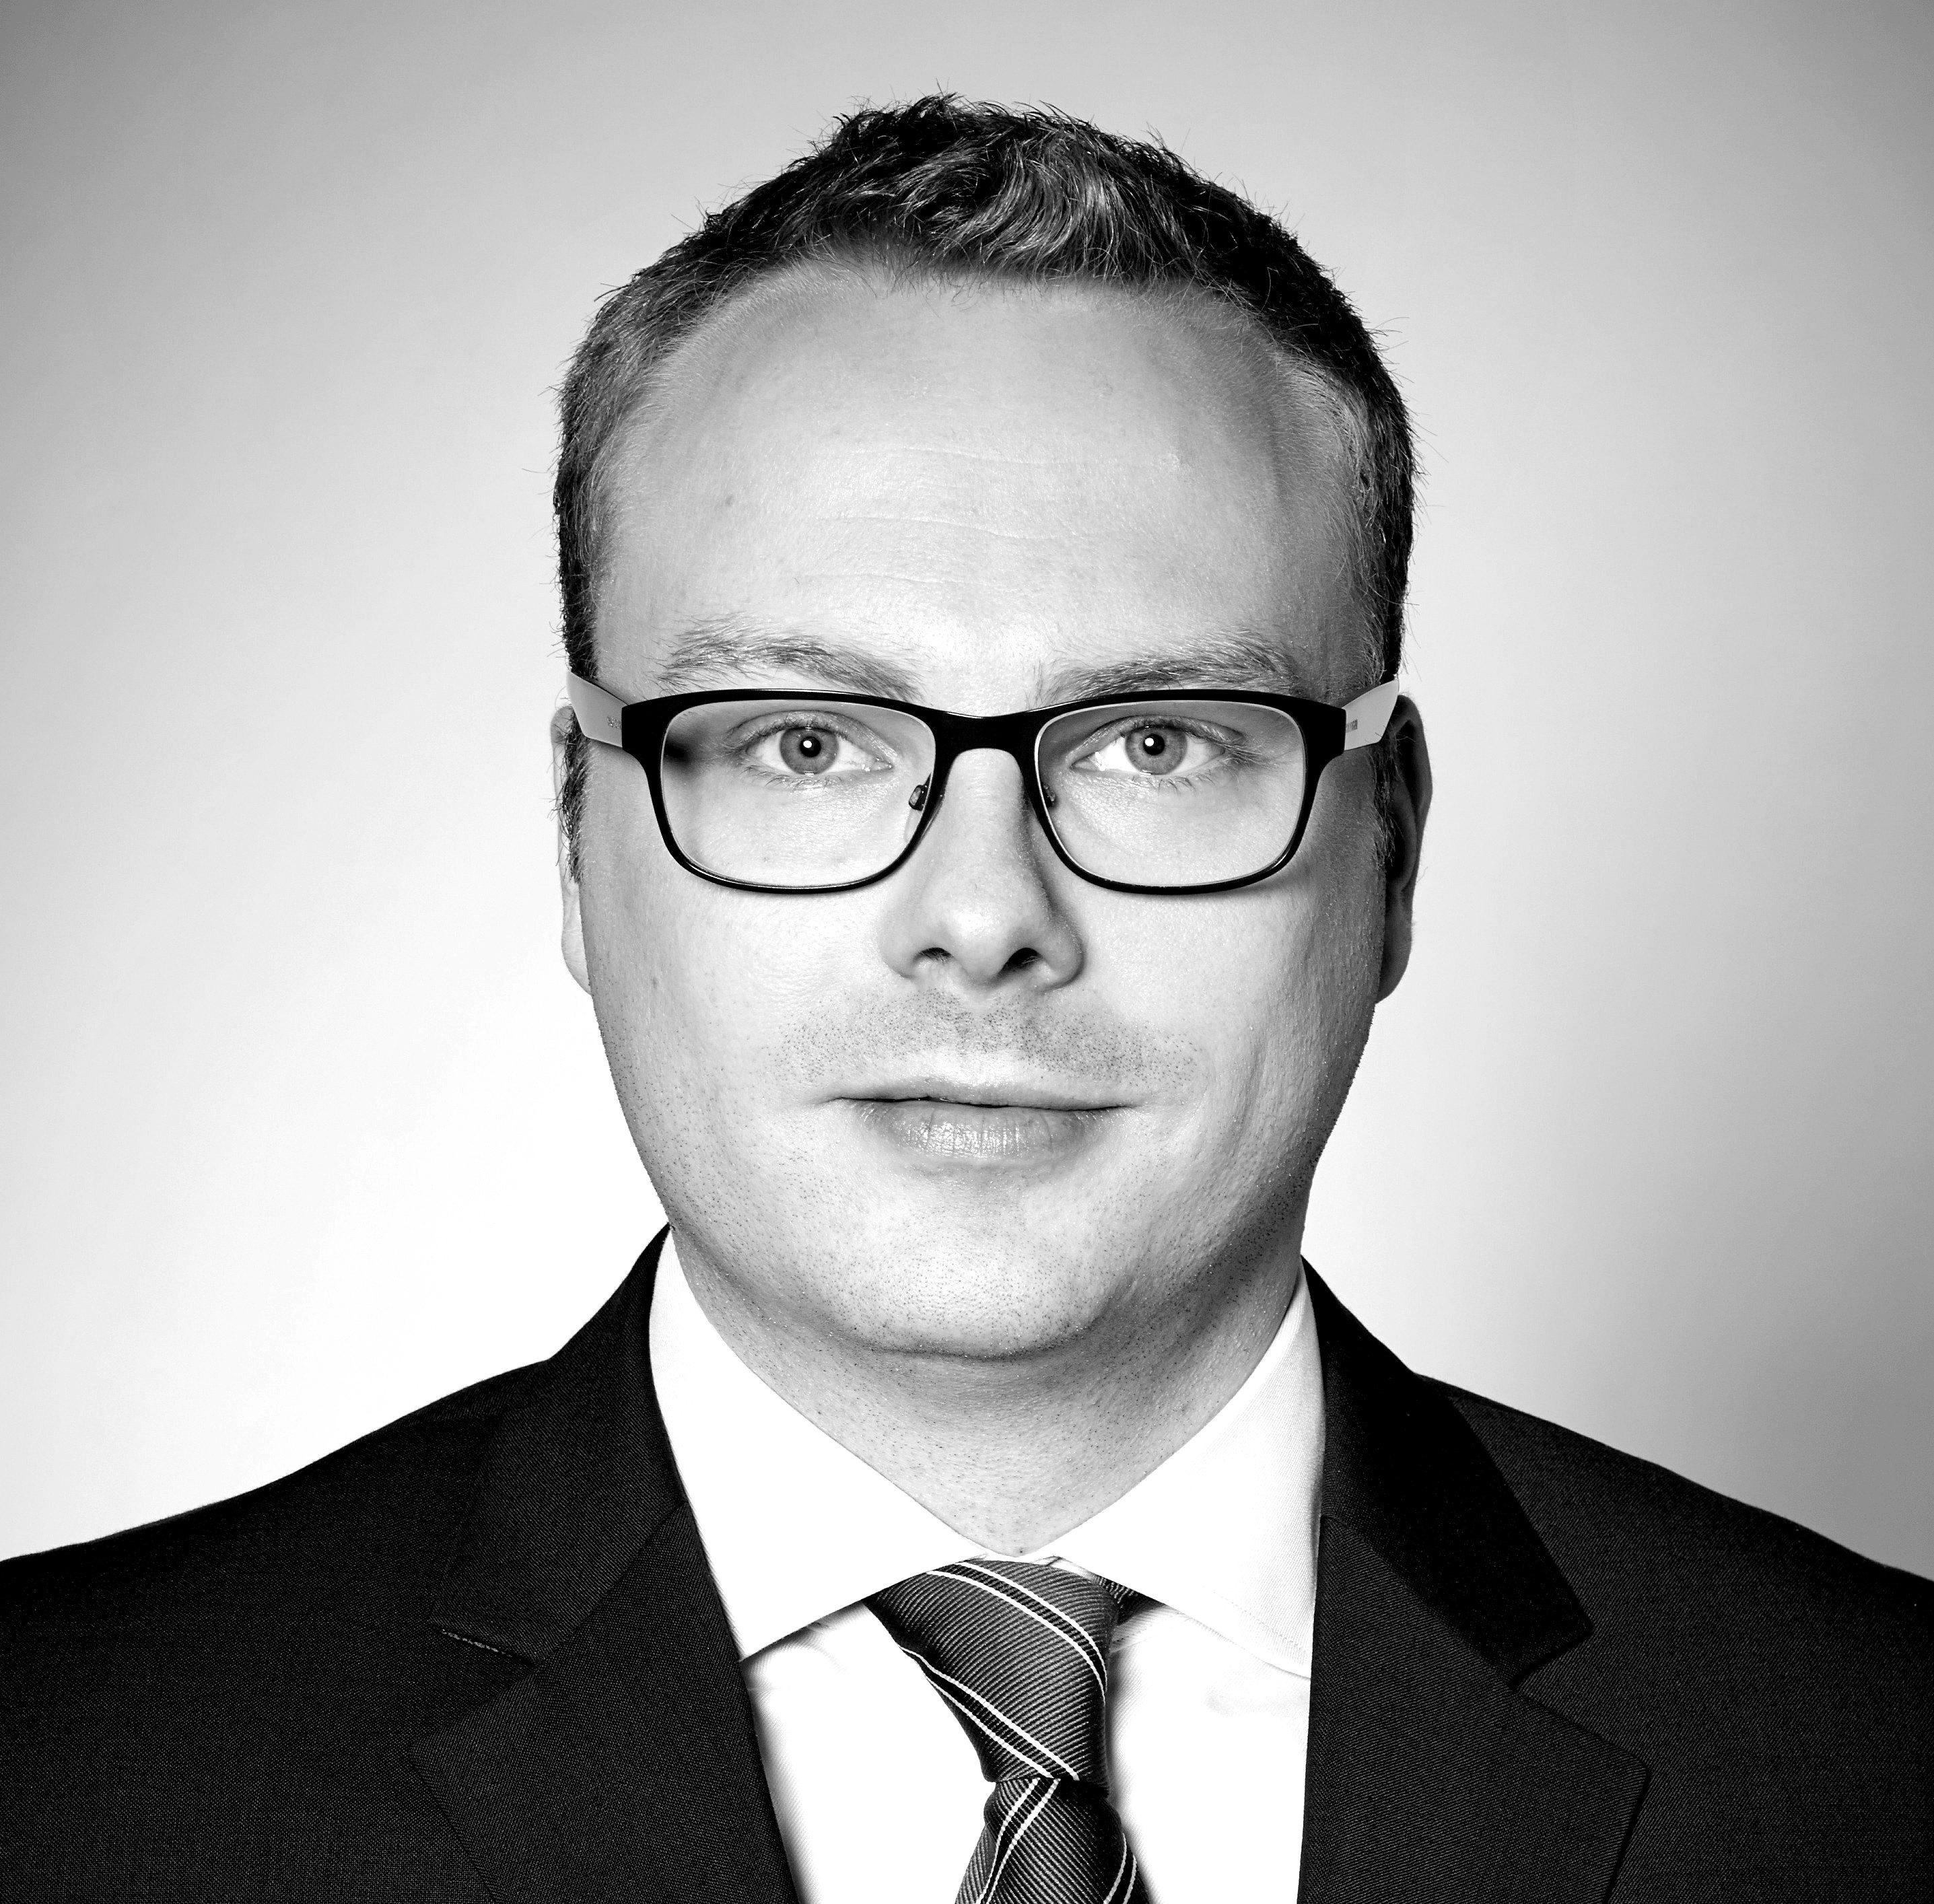 Sven Dannemann